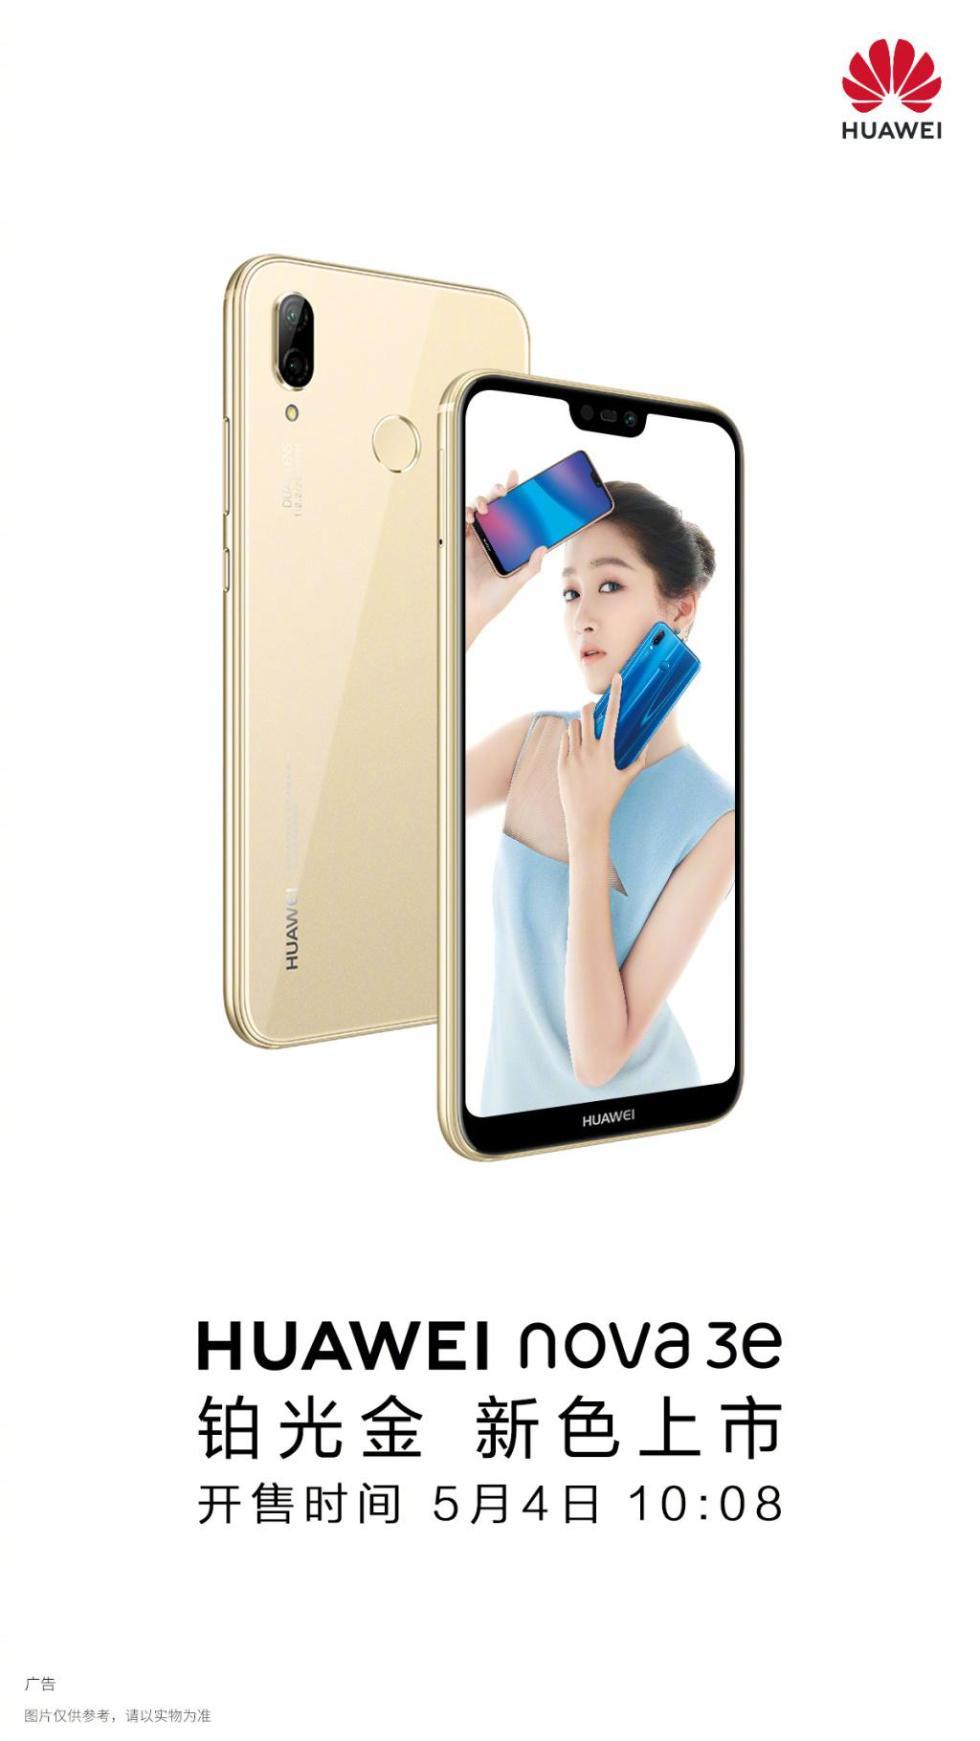 华为nova 3e 铂光金色新上市 5月4日10:08正式开启预售